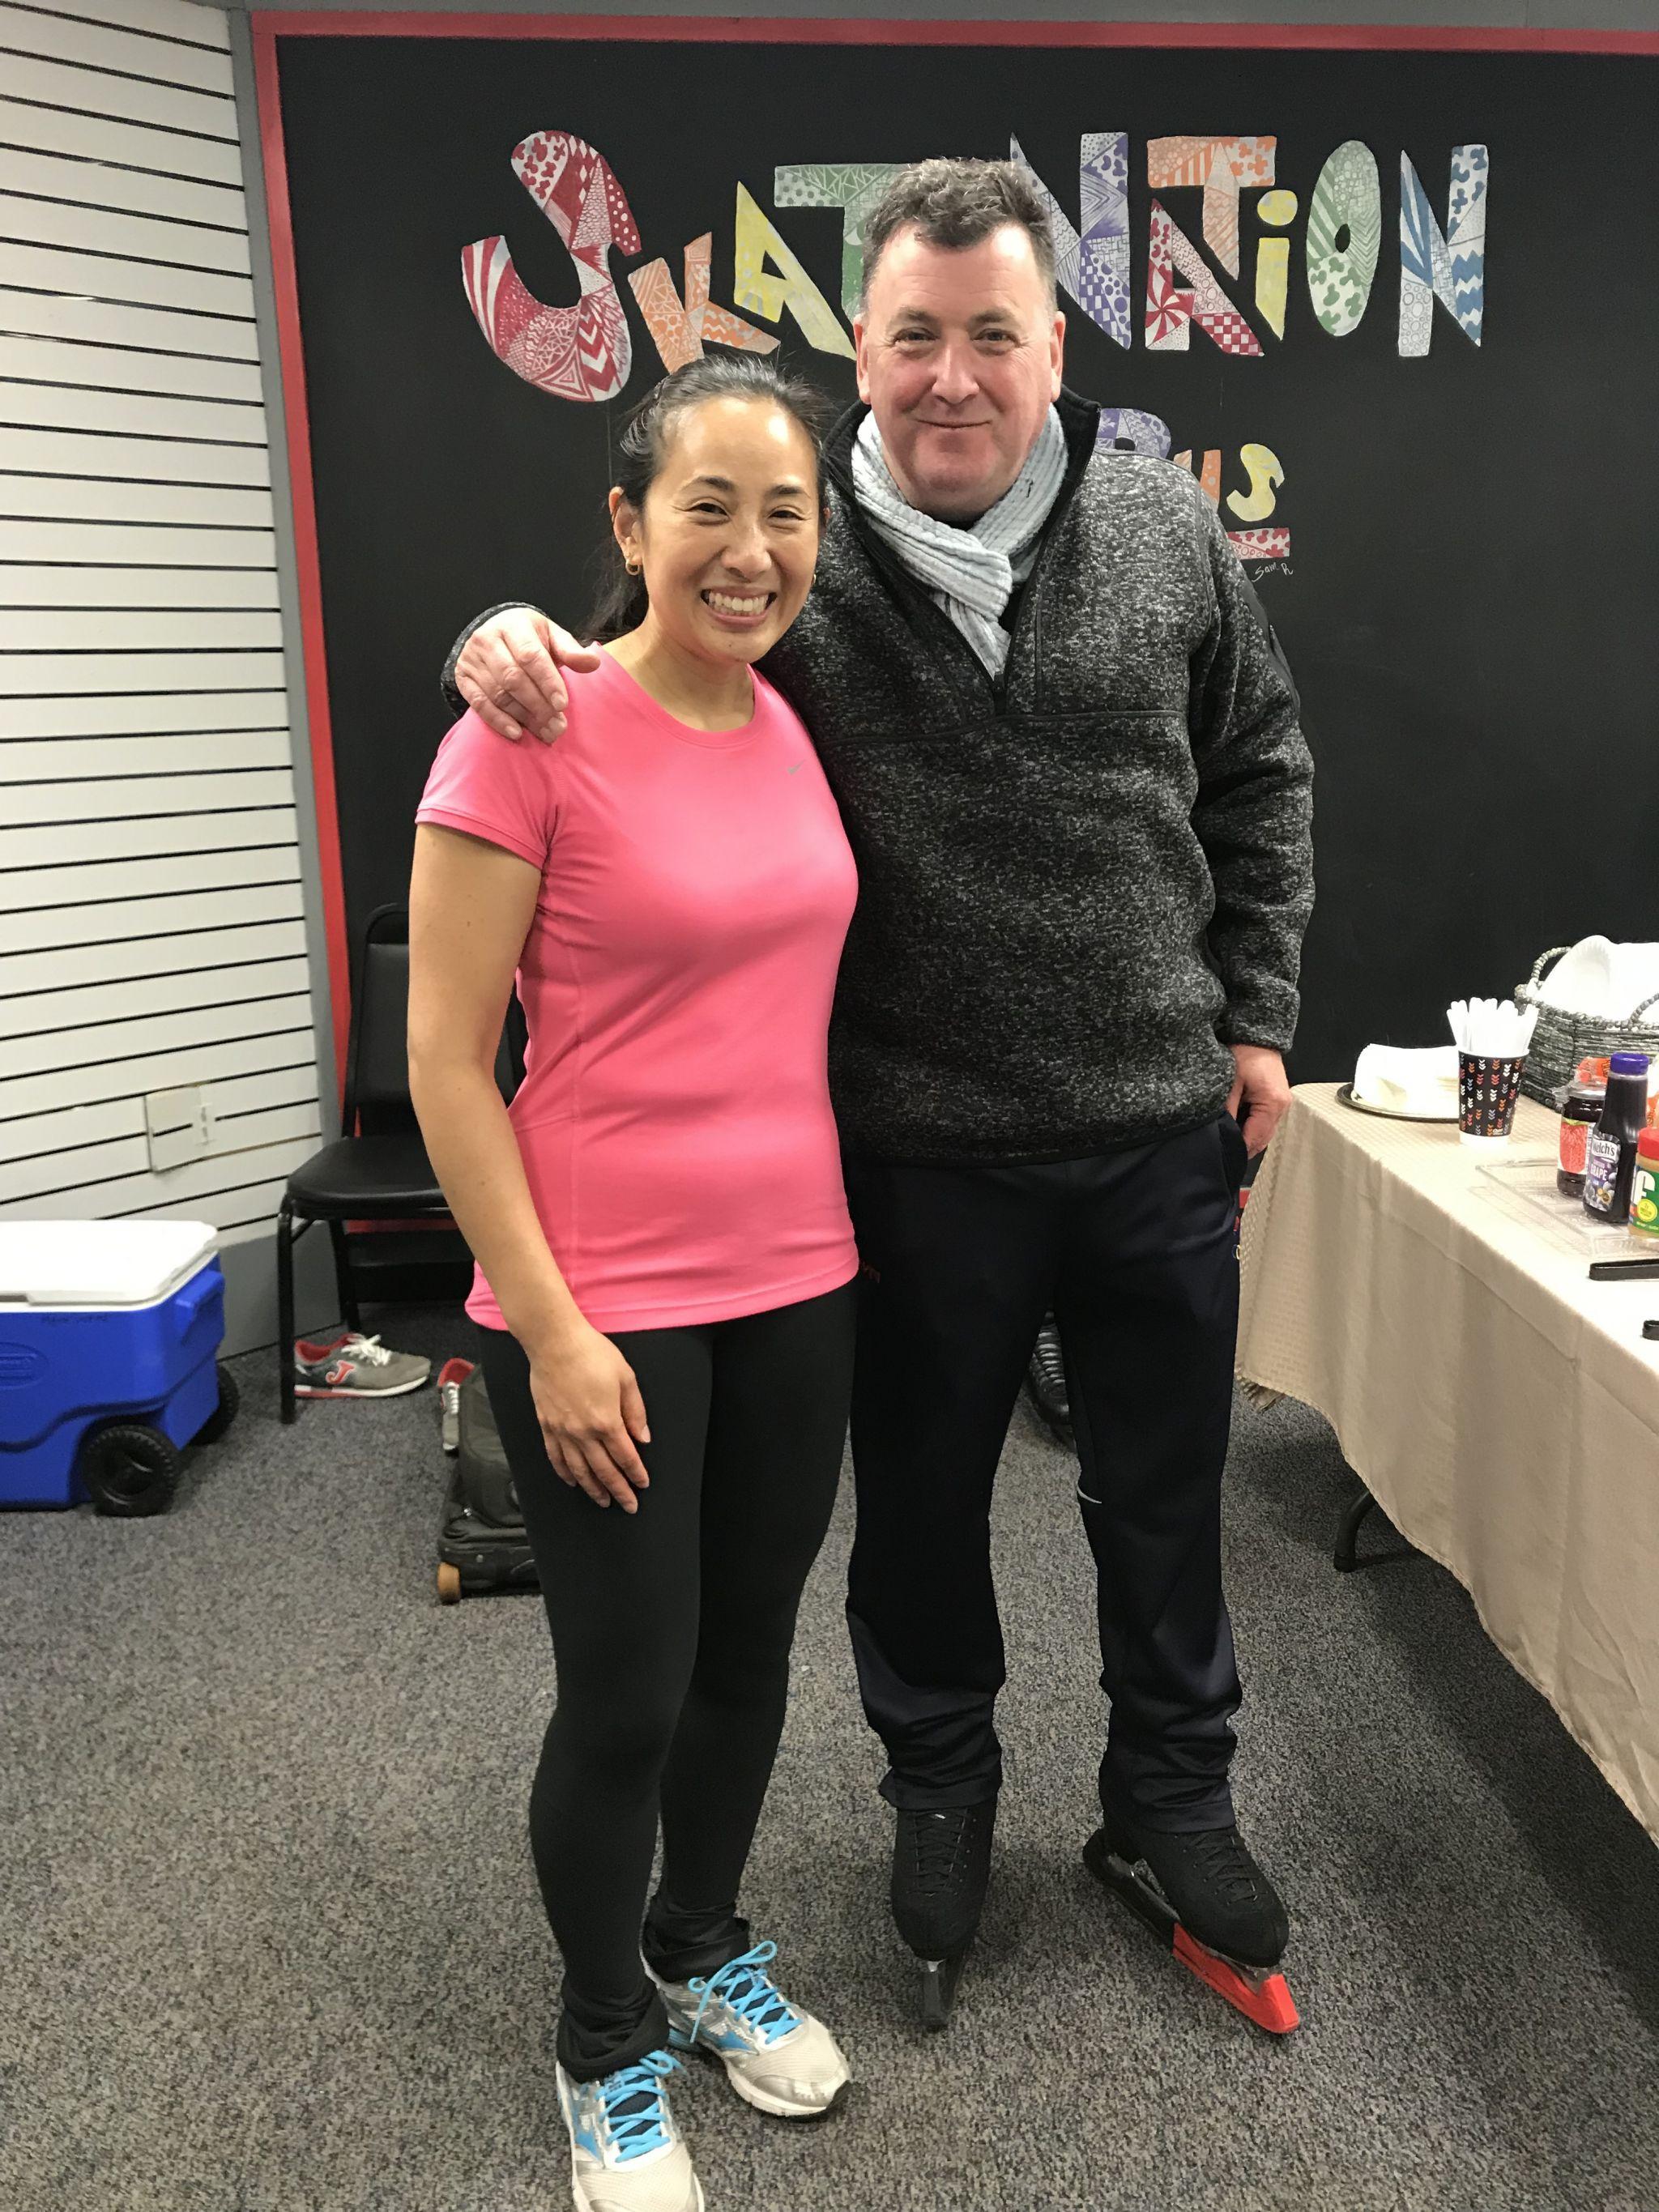 Eva with Brian Orser